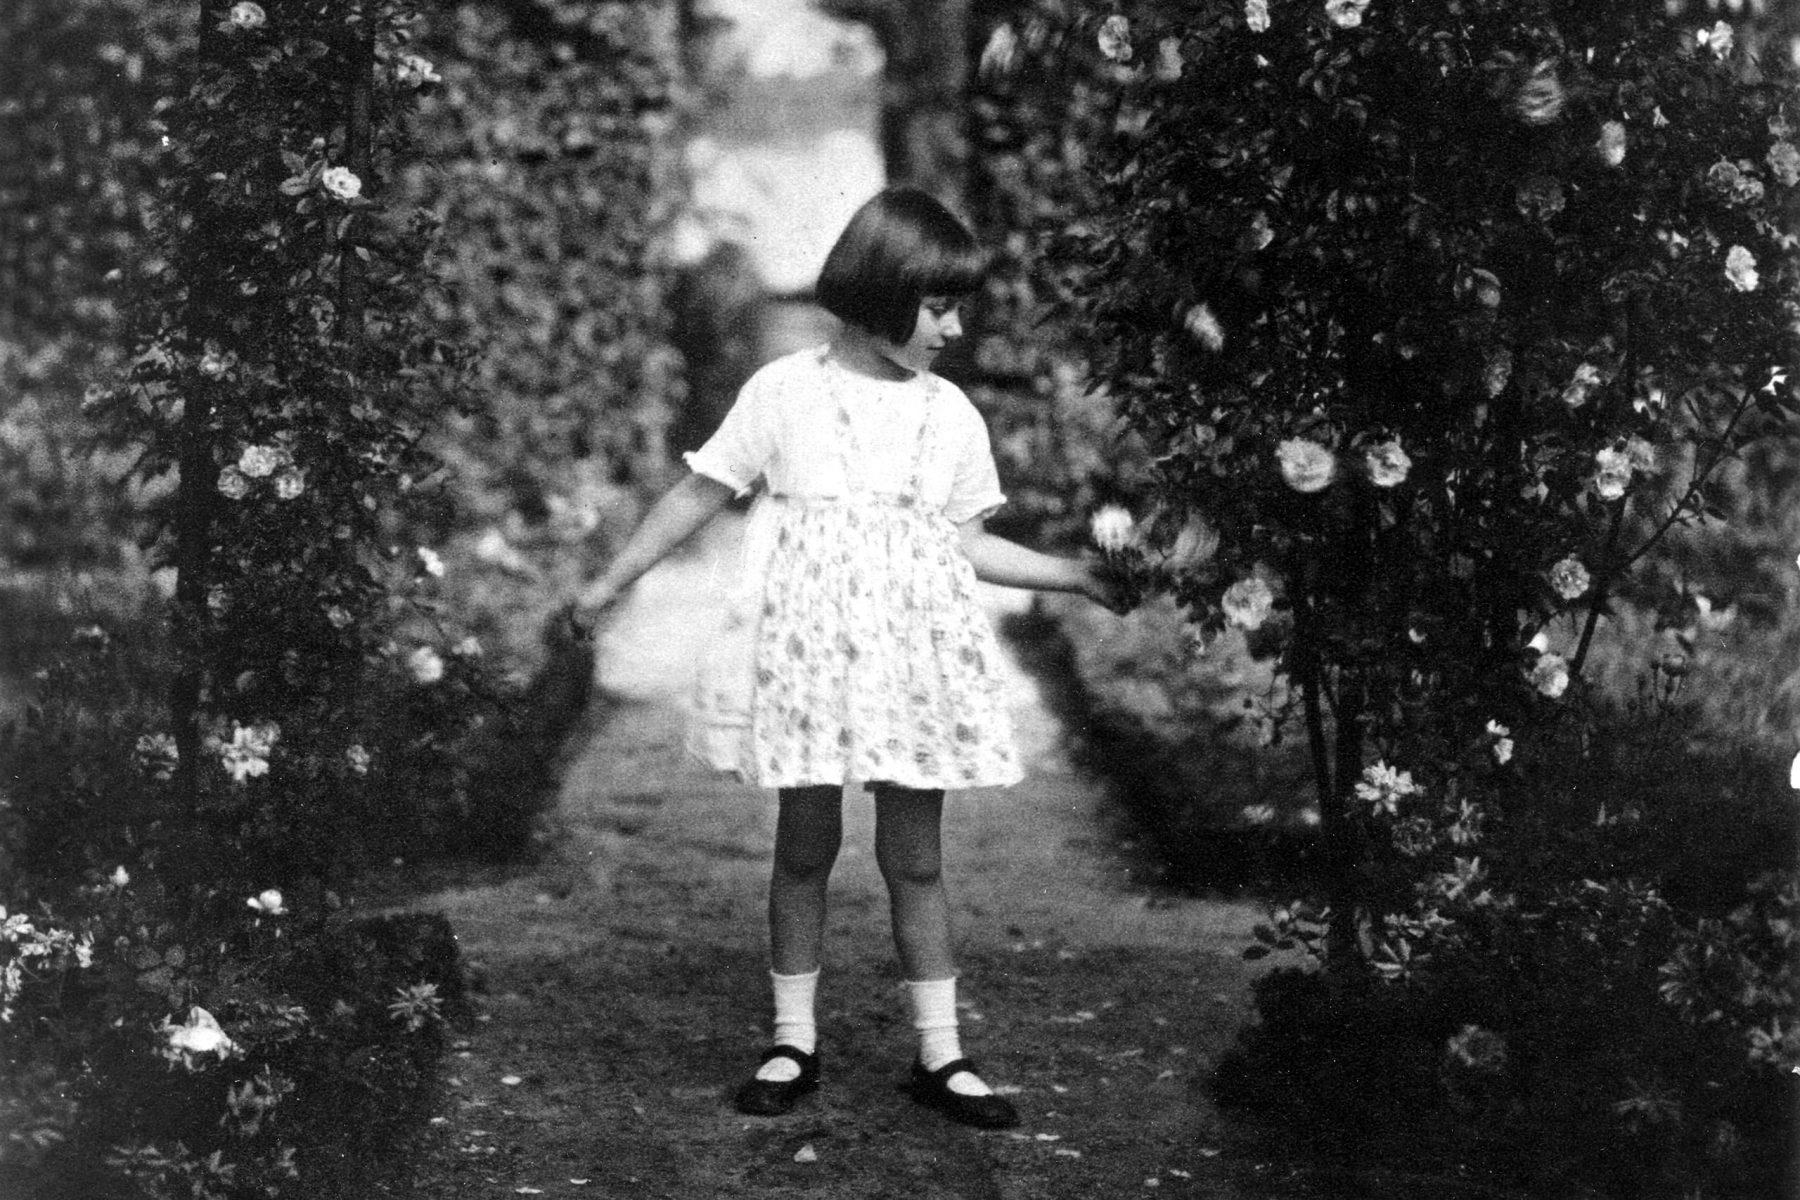 Max Liebermanns Enkelin Maria steht in einem weißen Kleid inmitten der Rosengärten. Der Blick reicht bis zum dahinter liegenden Wannsee.